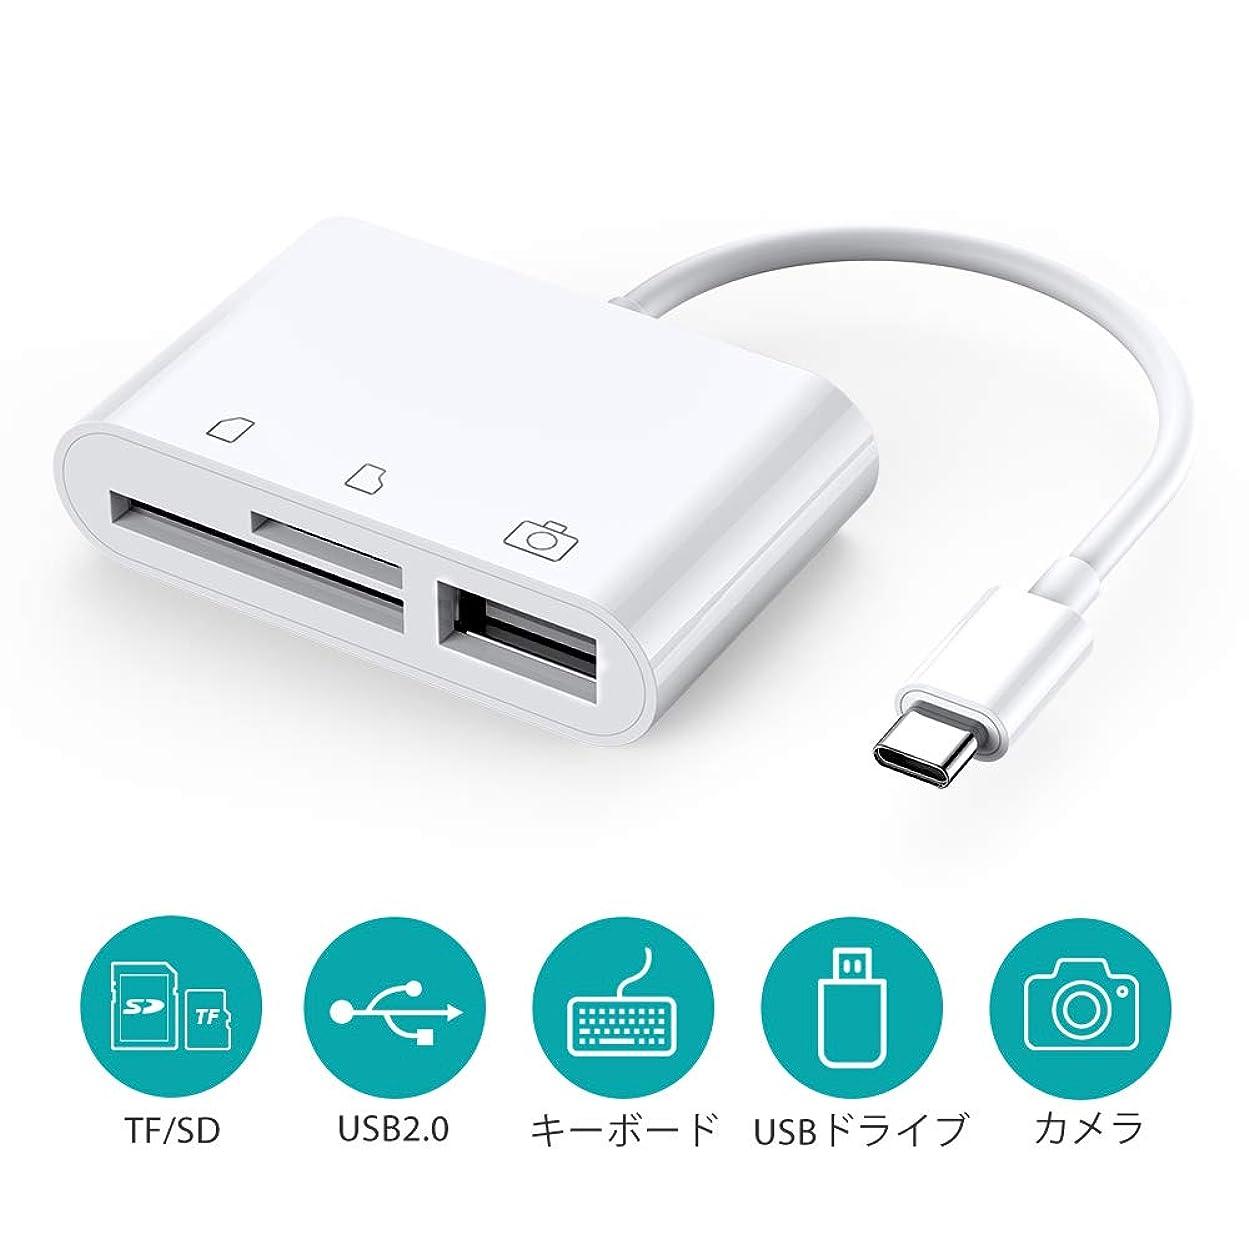 素晴らしいランチョン預言者USB Type C SDカードリーダー ポータブル USB C カメラ sdカード リーダー Mac Book Pro 等 USB-Cデバイス 対応 3in1 SDカードライター SDカード/Micro SDカード/USB マルチカードリーダー (ホワイト)